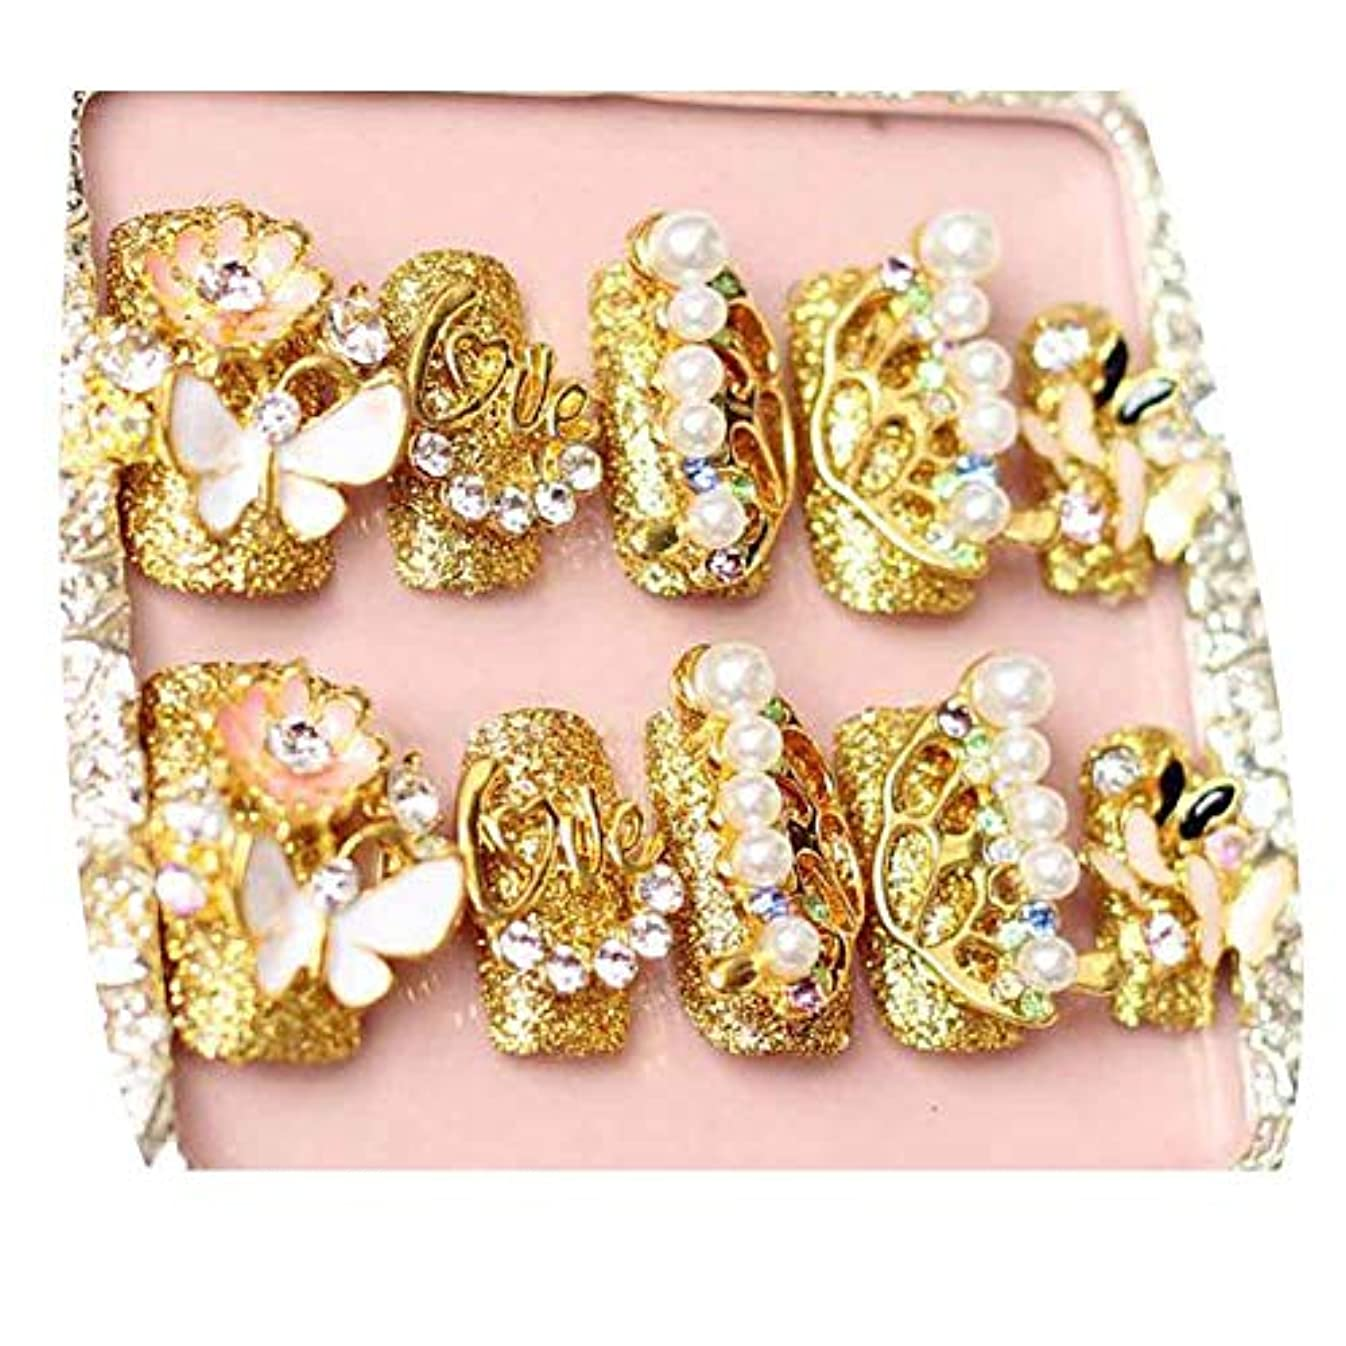 衰える投資するセラー蝶 - ゴールドカラー偽爪結婚式人工爪のヒントビーズネイルアート